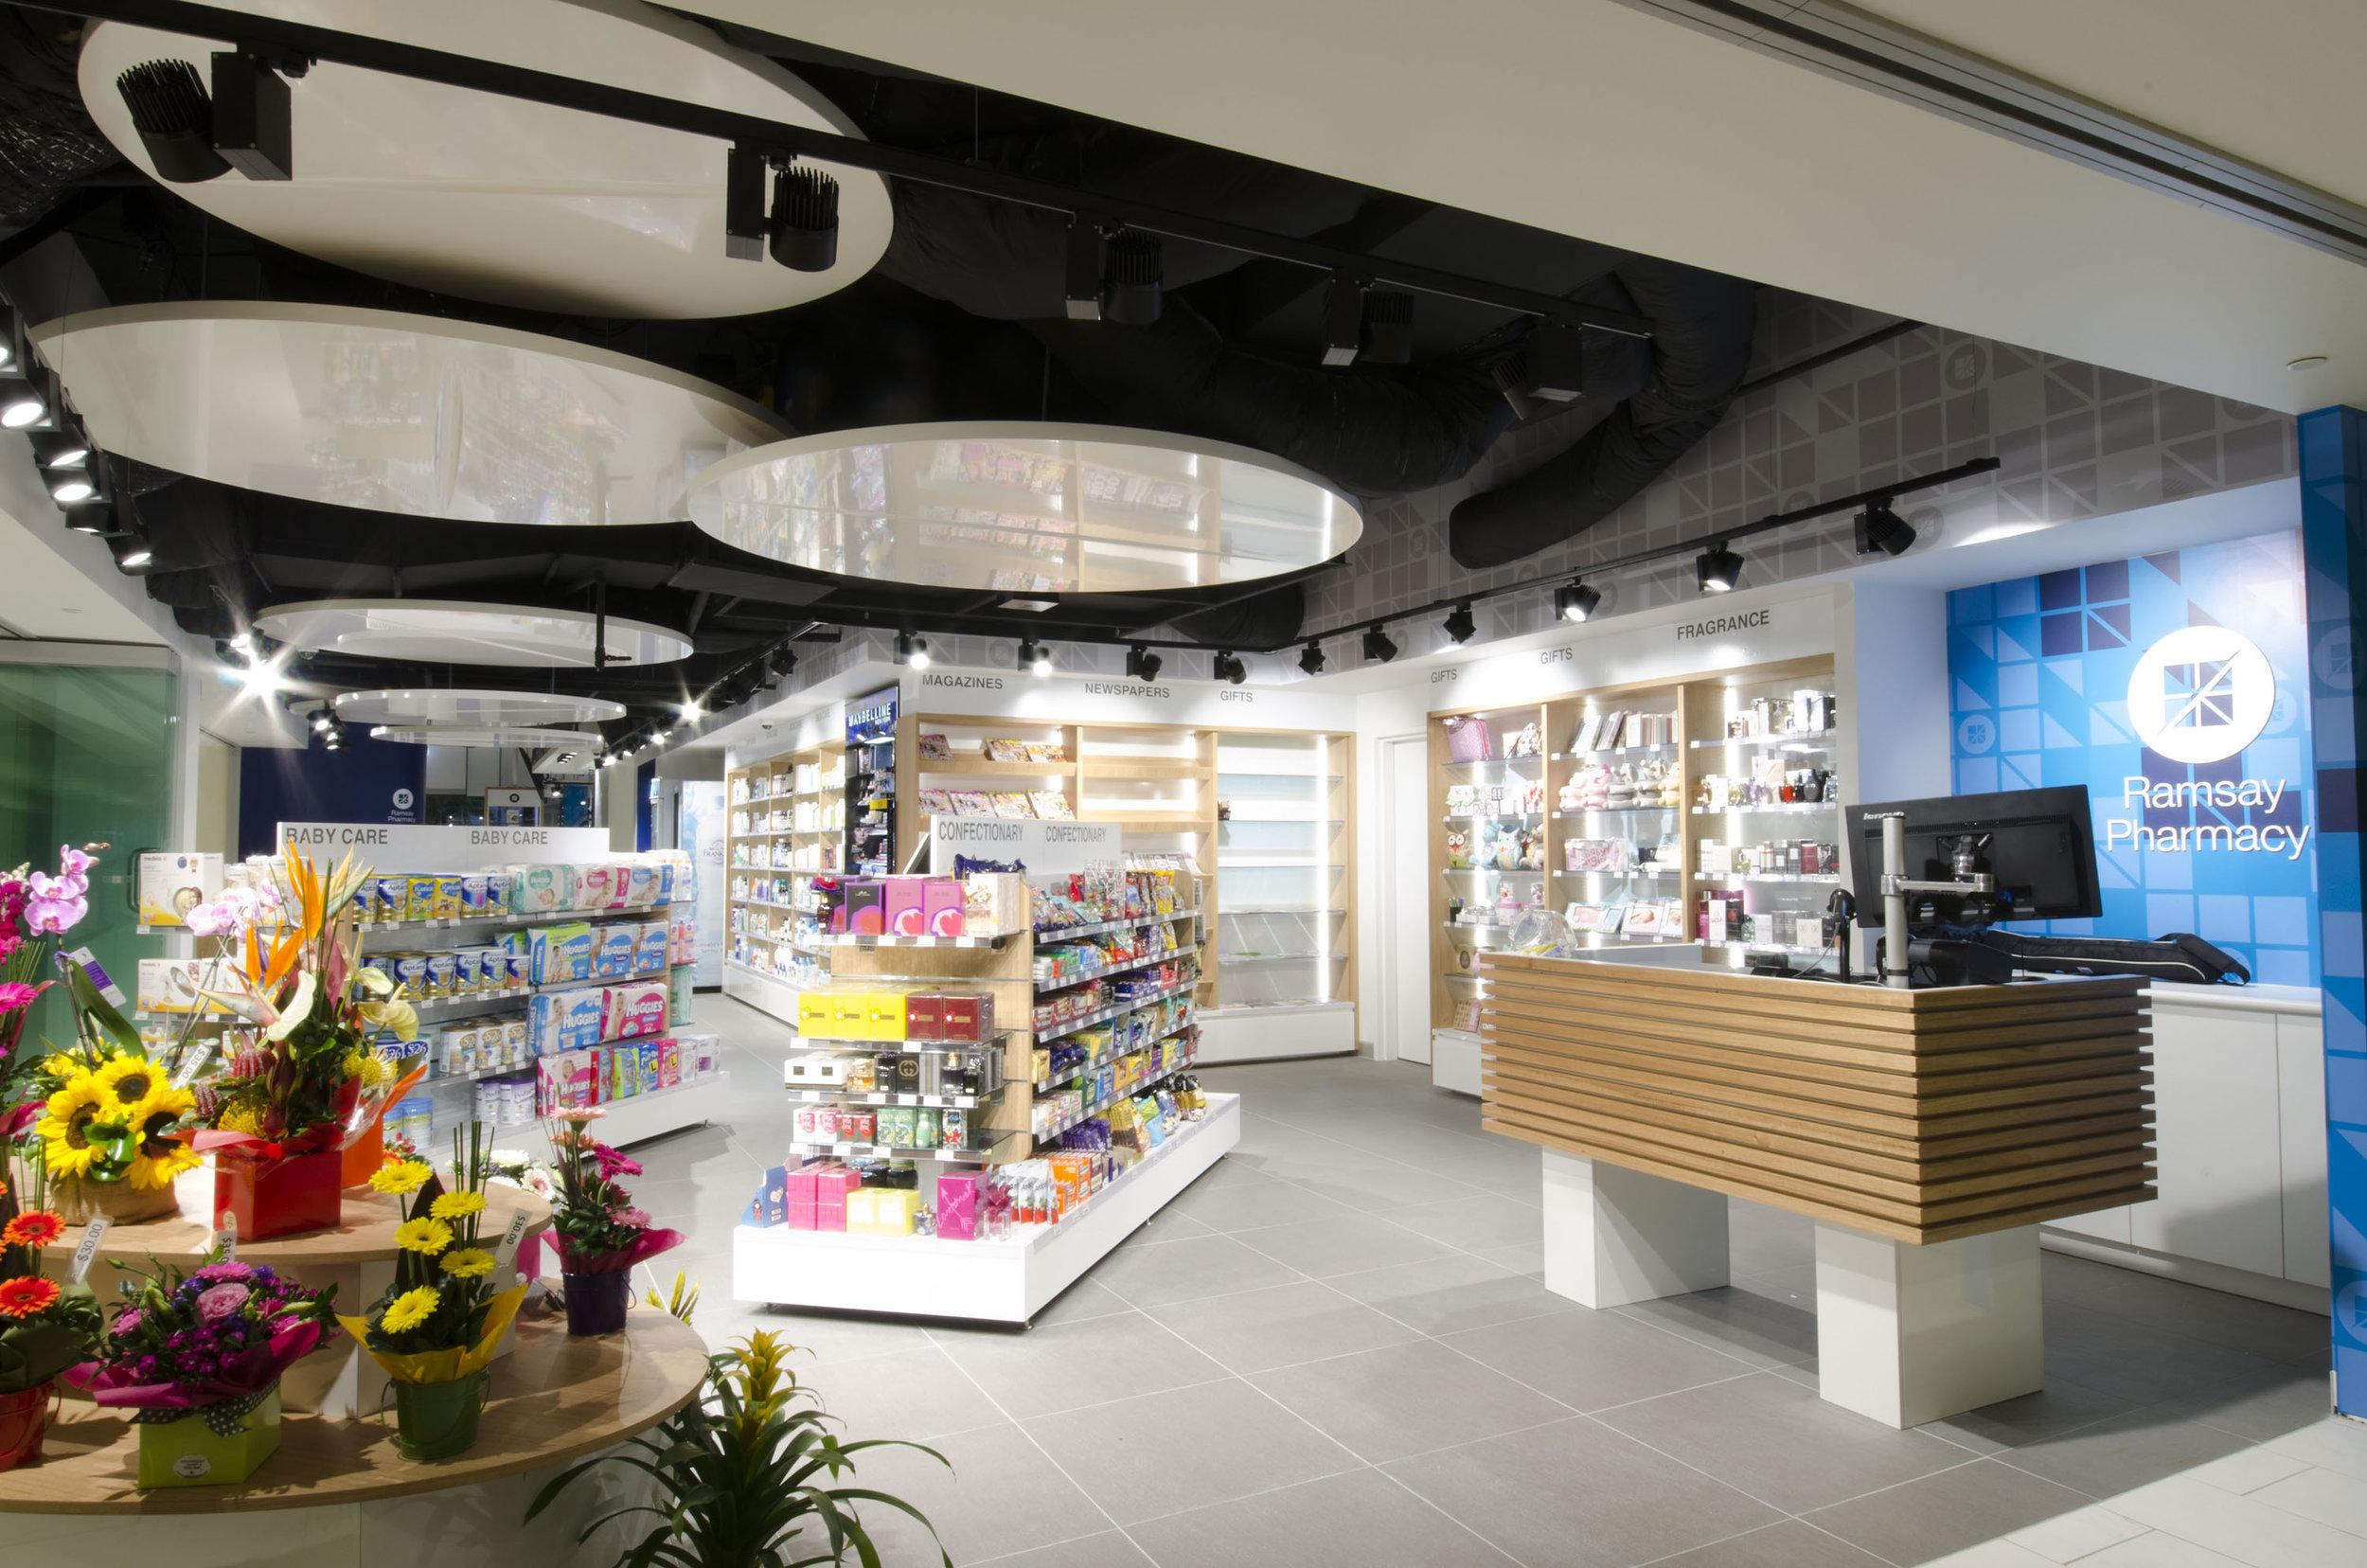 mode-design-ramsay-pharmacy-005.JPG